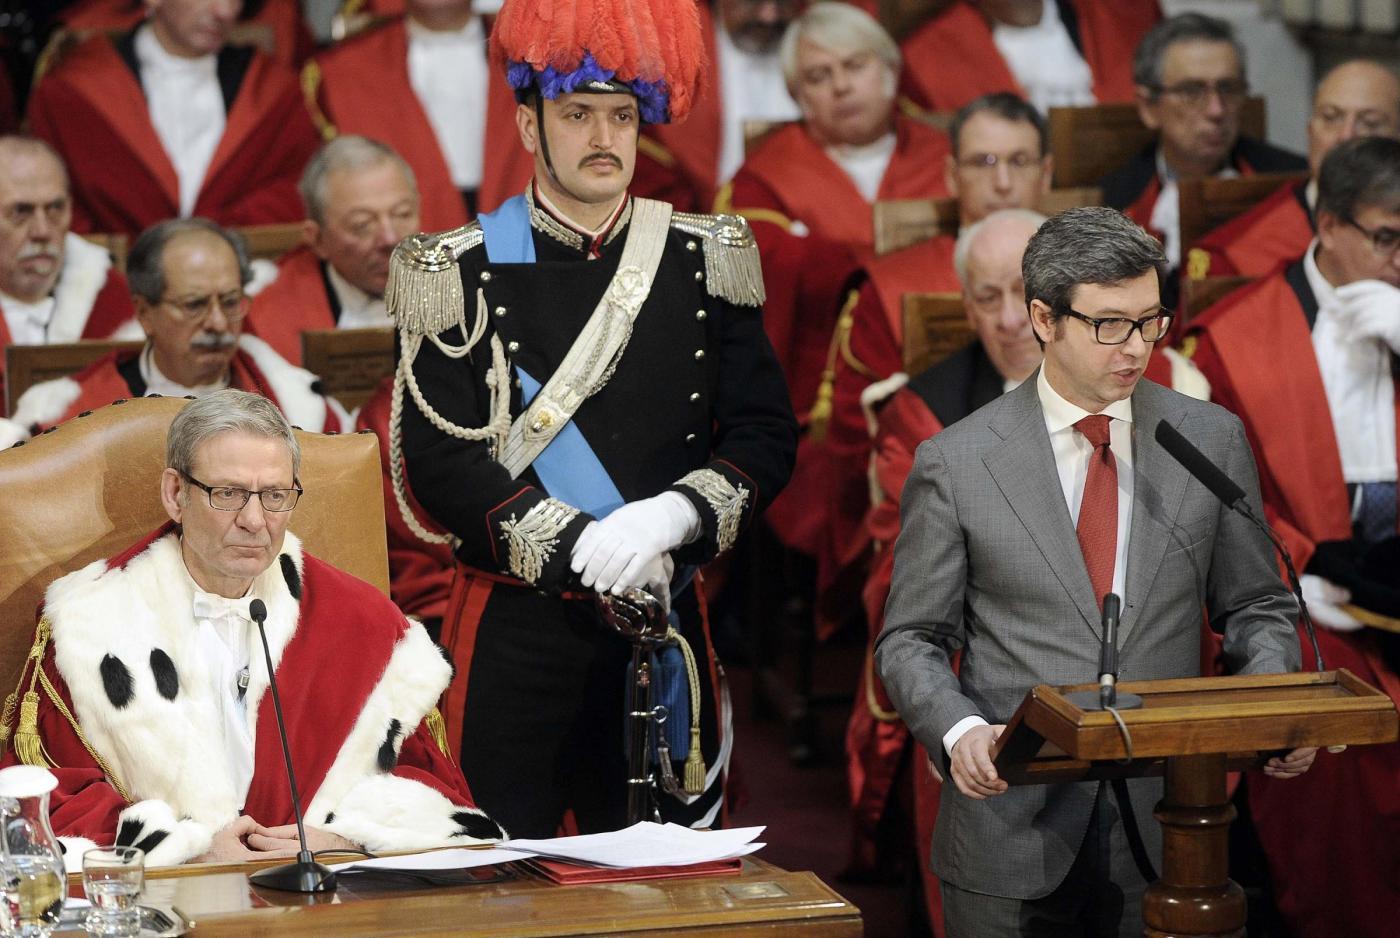 Inaugurazione dell'anno giudiziario in Corte di Cassazione